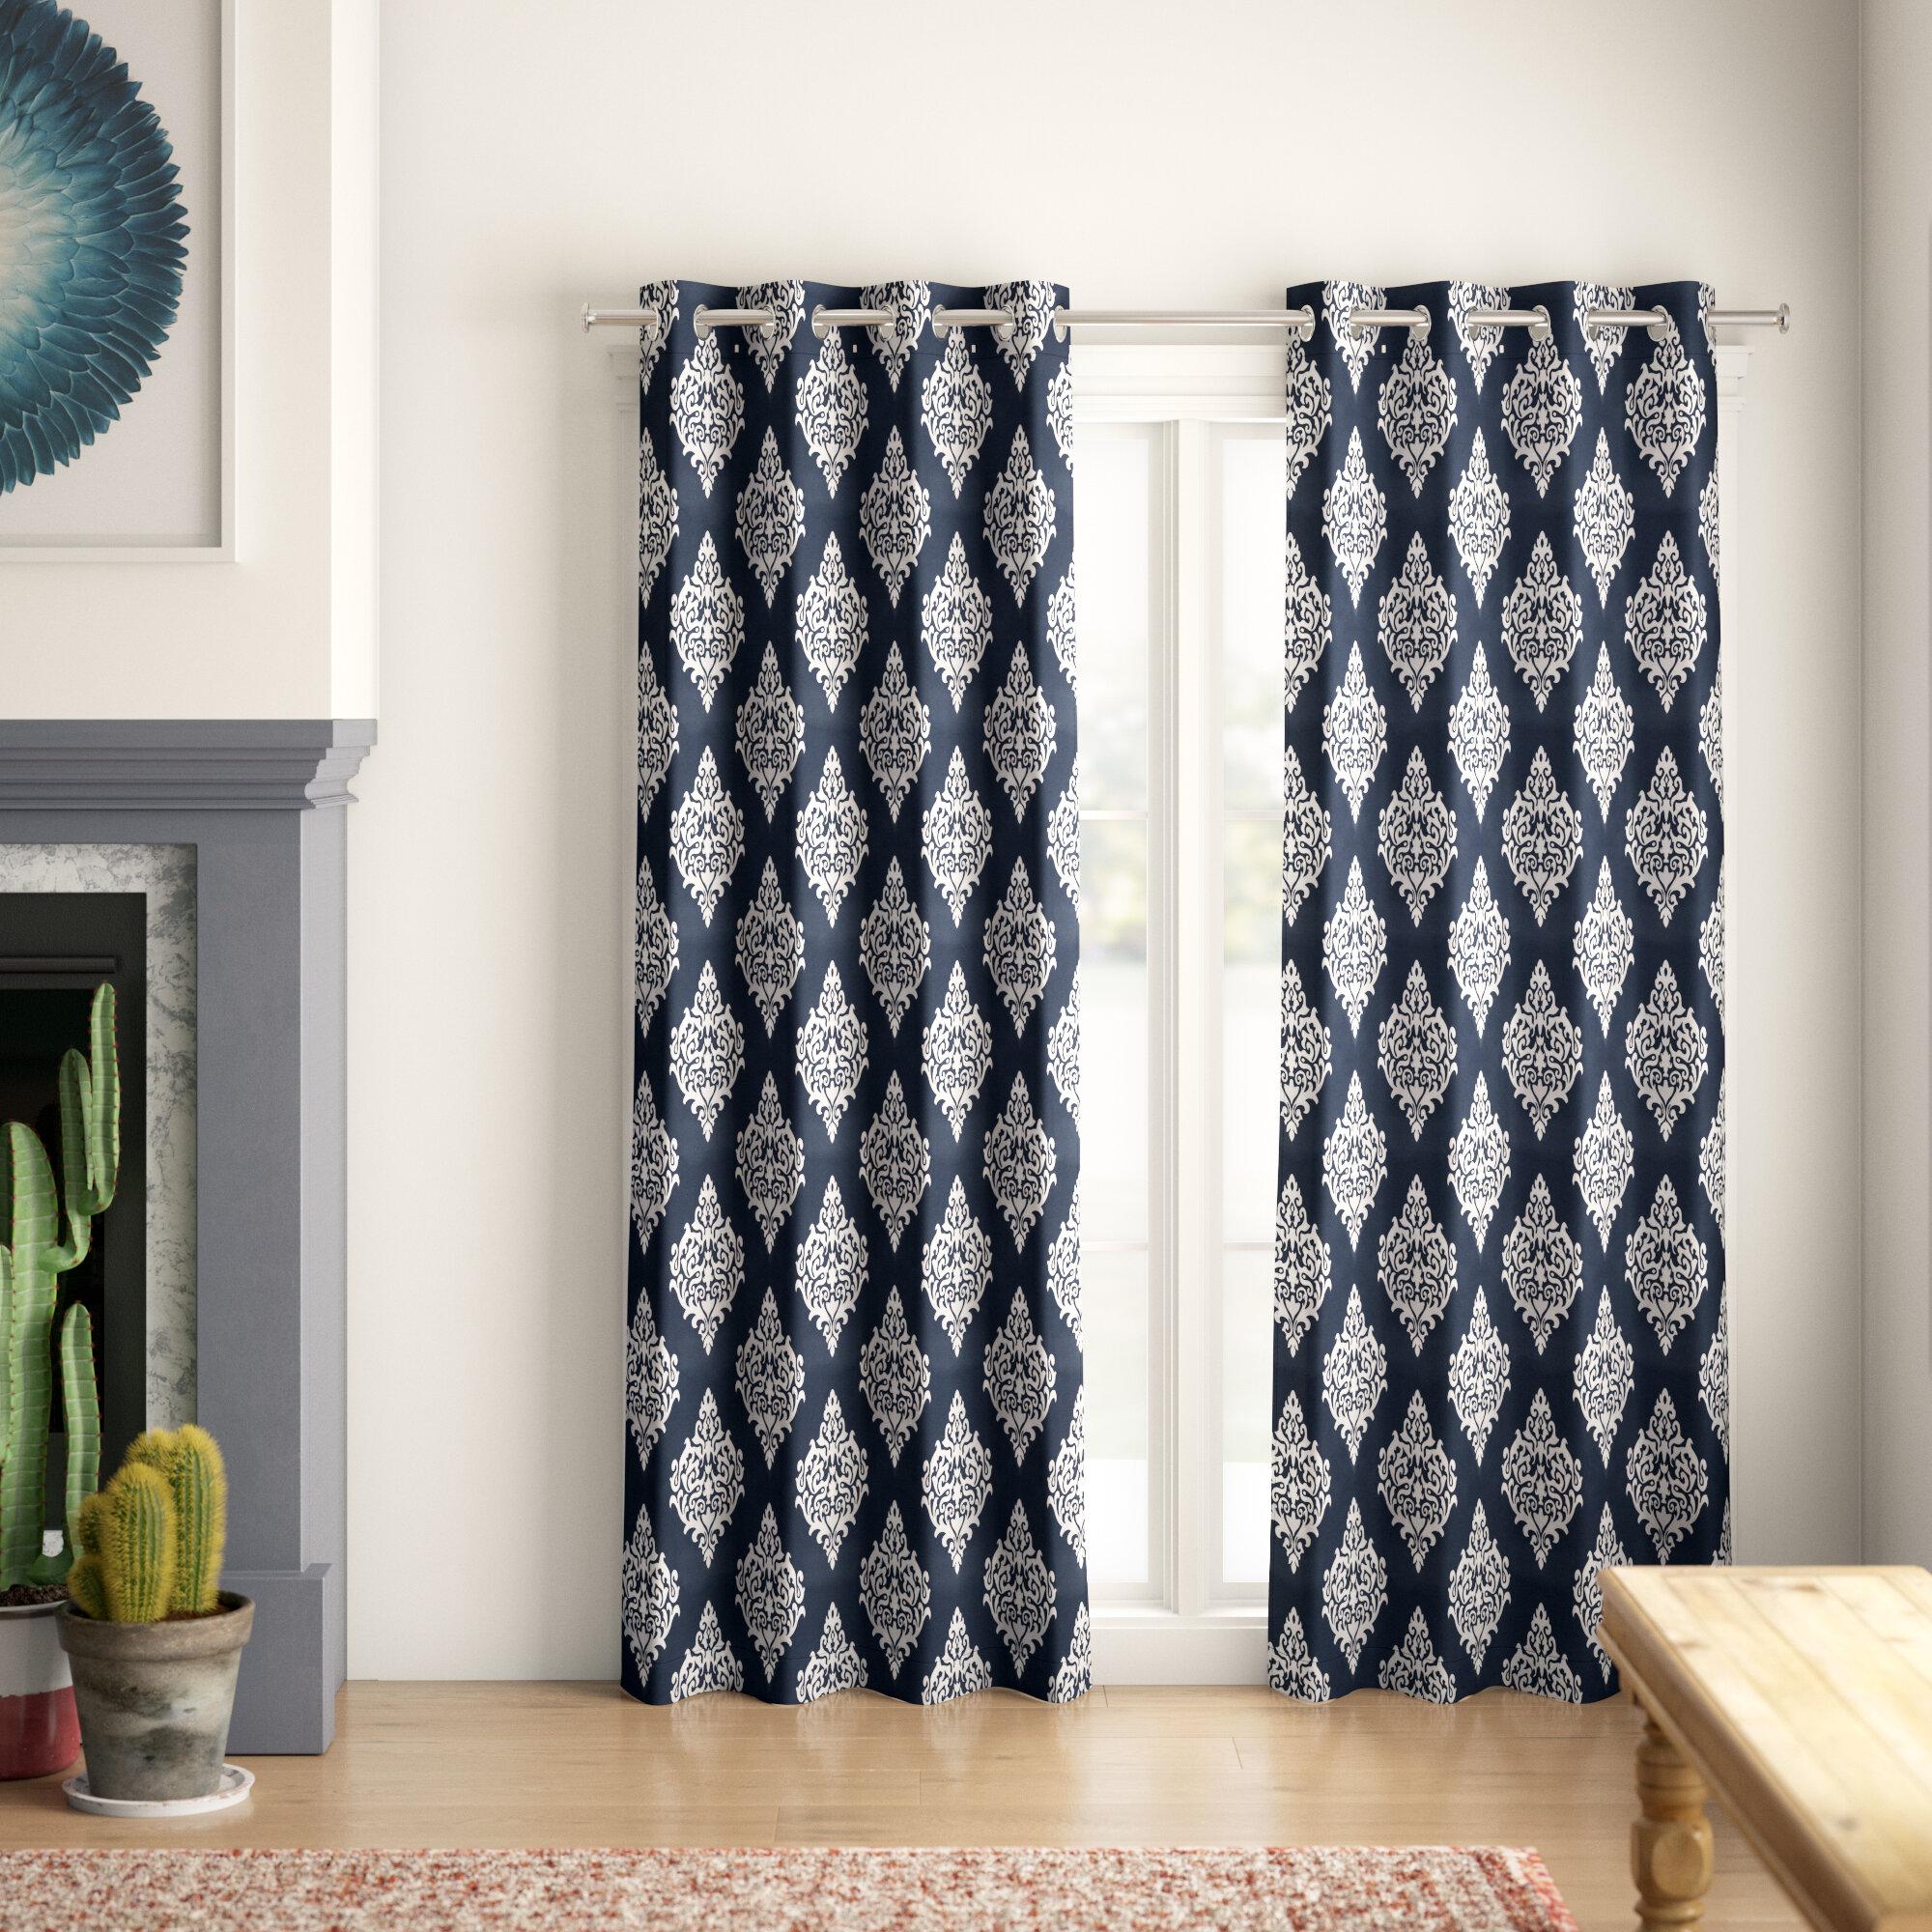 Mistana Kassie Damask Room Darkening Thermal Grommet Curtain Panels Reviews Wayfair